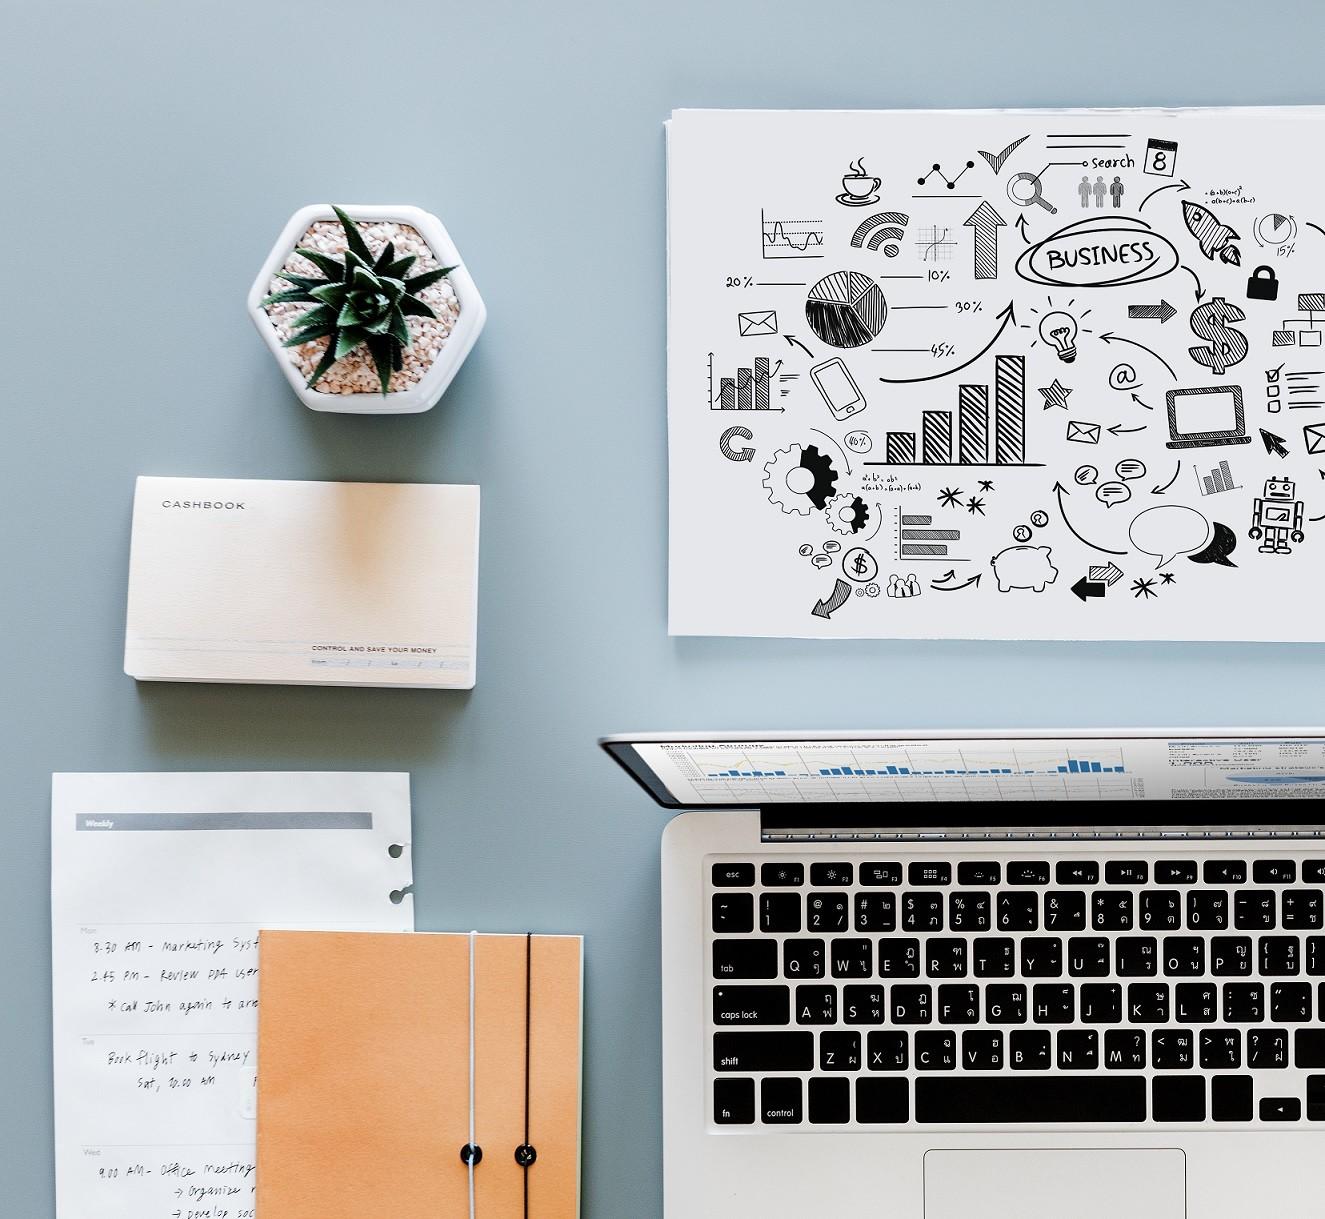 Jaki zawód wybrać? 20 porad, jak wybrać pracę, która do Ciebie pasuje